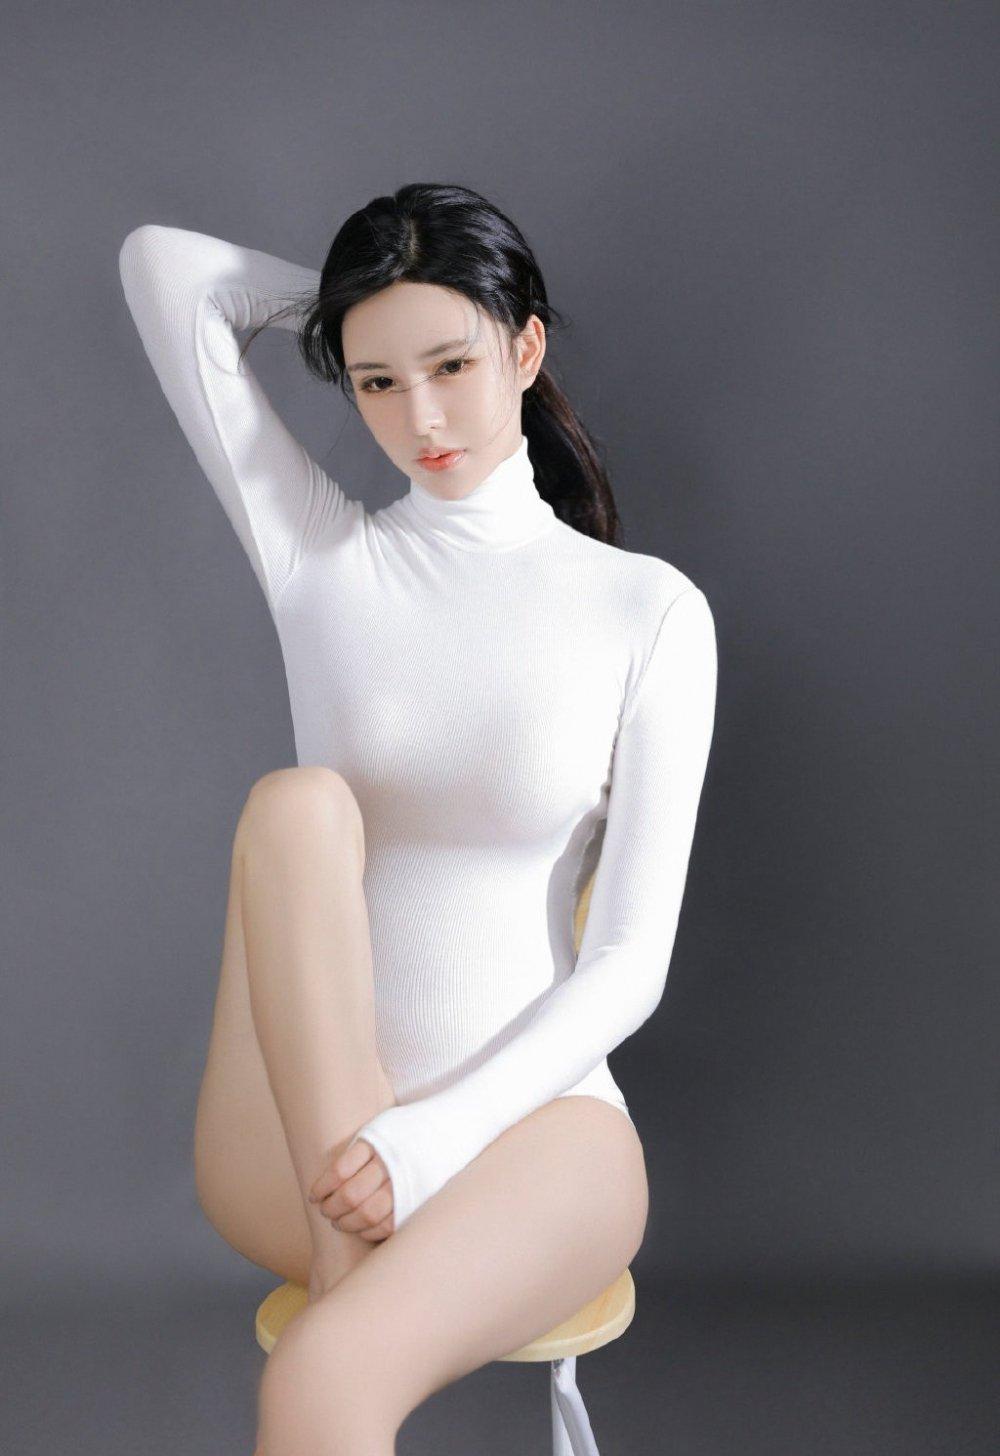 連體體操服美女妖嬈身材迷人寫真